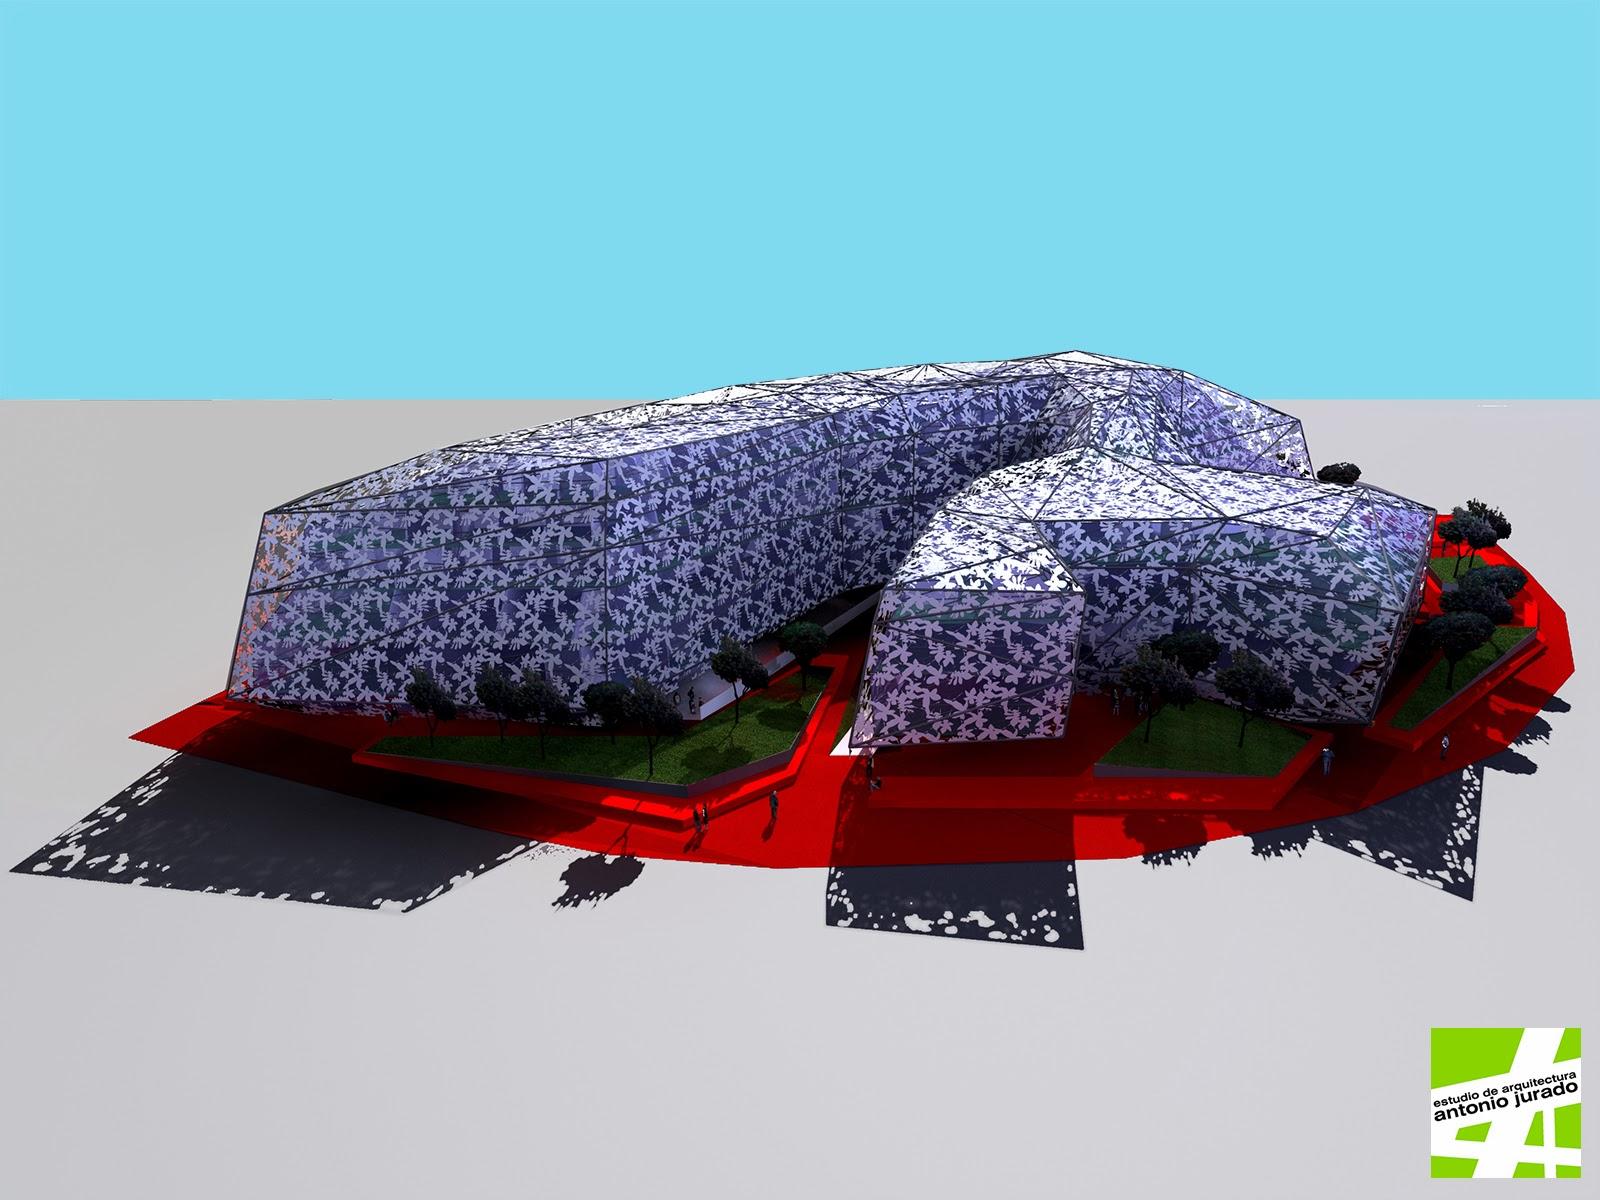 facultad psicologia malaga arquitecto antonio jurado concurso ideas